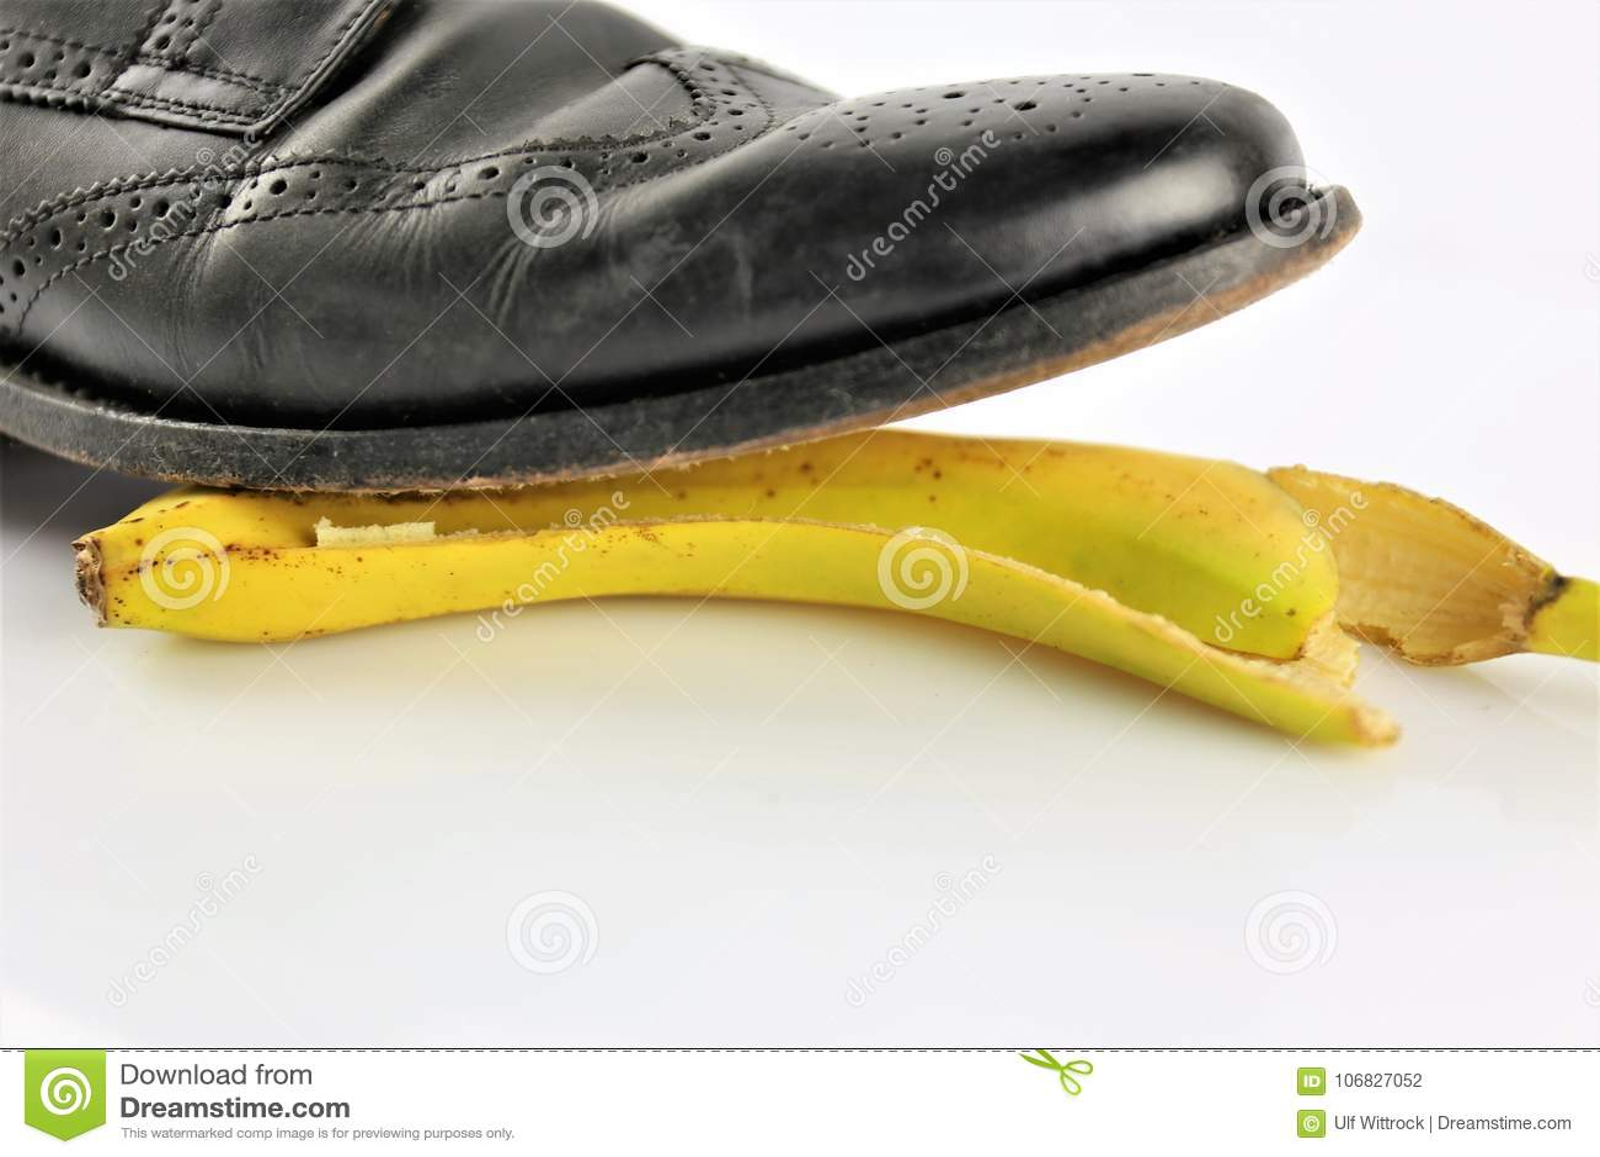 Una imagen de una cáscara del plátano - accidente, peligro, comedia del concepto